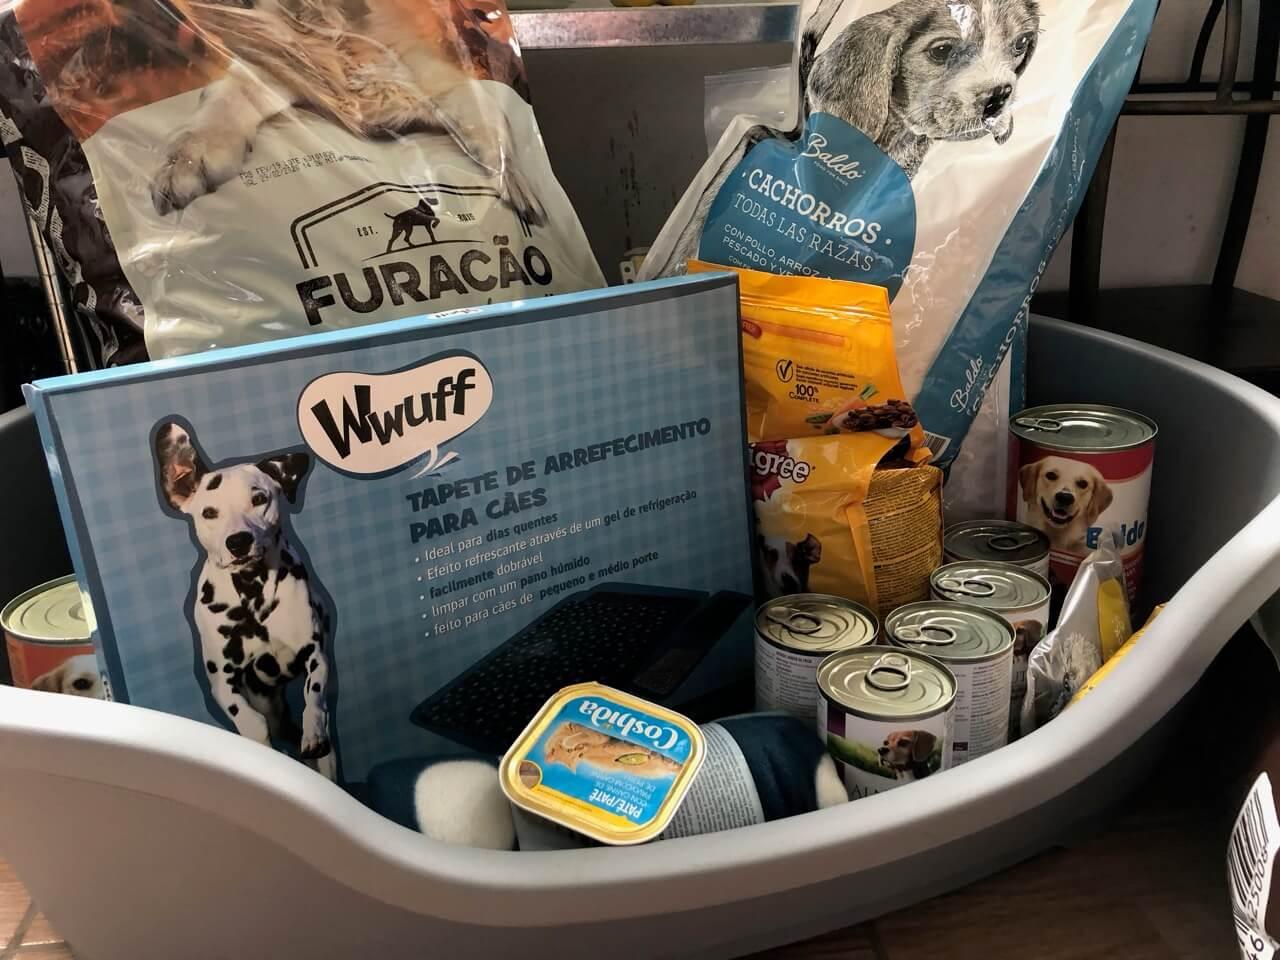 Ein Hundebett aus Plastik in dem Trockenfutter und Dosen stehen als Spenden für ein Tierheim, den Tierschutz